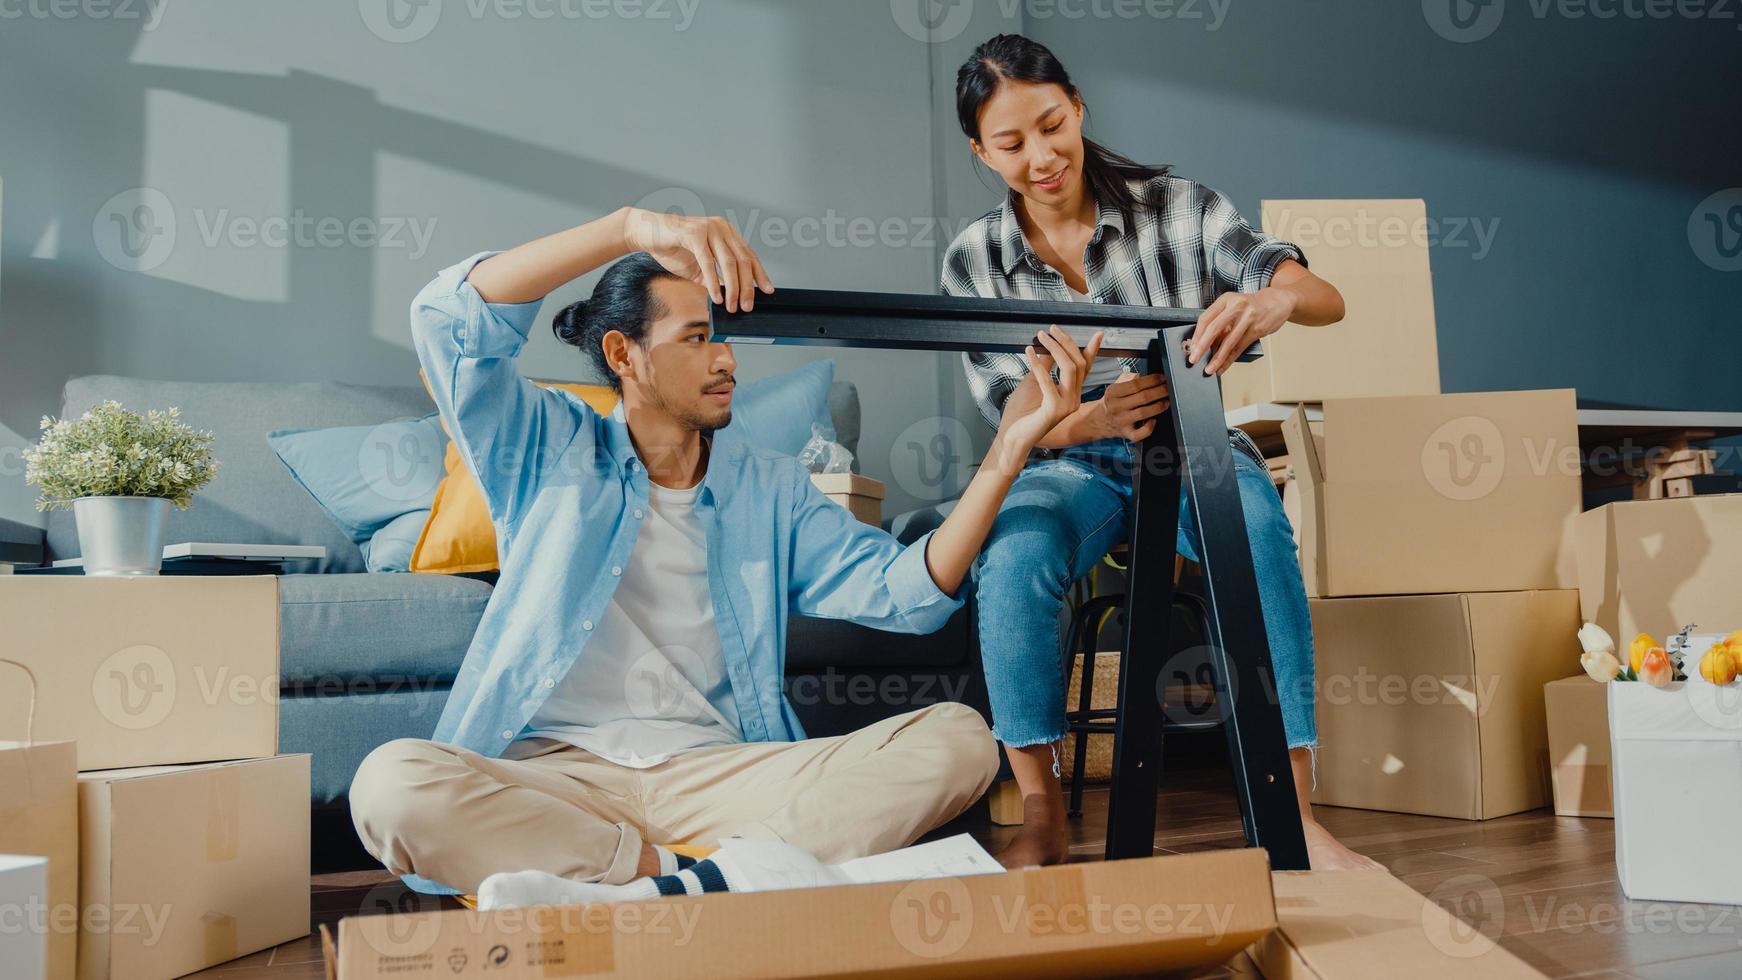 glückliche asiatische junge attraktive paar mann und frau helfen sich gegenseitig beim auspacken der box und montieren möbel dekorieren hausbautisch mit karton im wohnzimmer. Junges verheiratetes asiatisches Umzugskonzept. foto